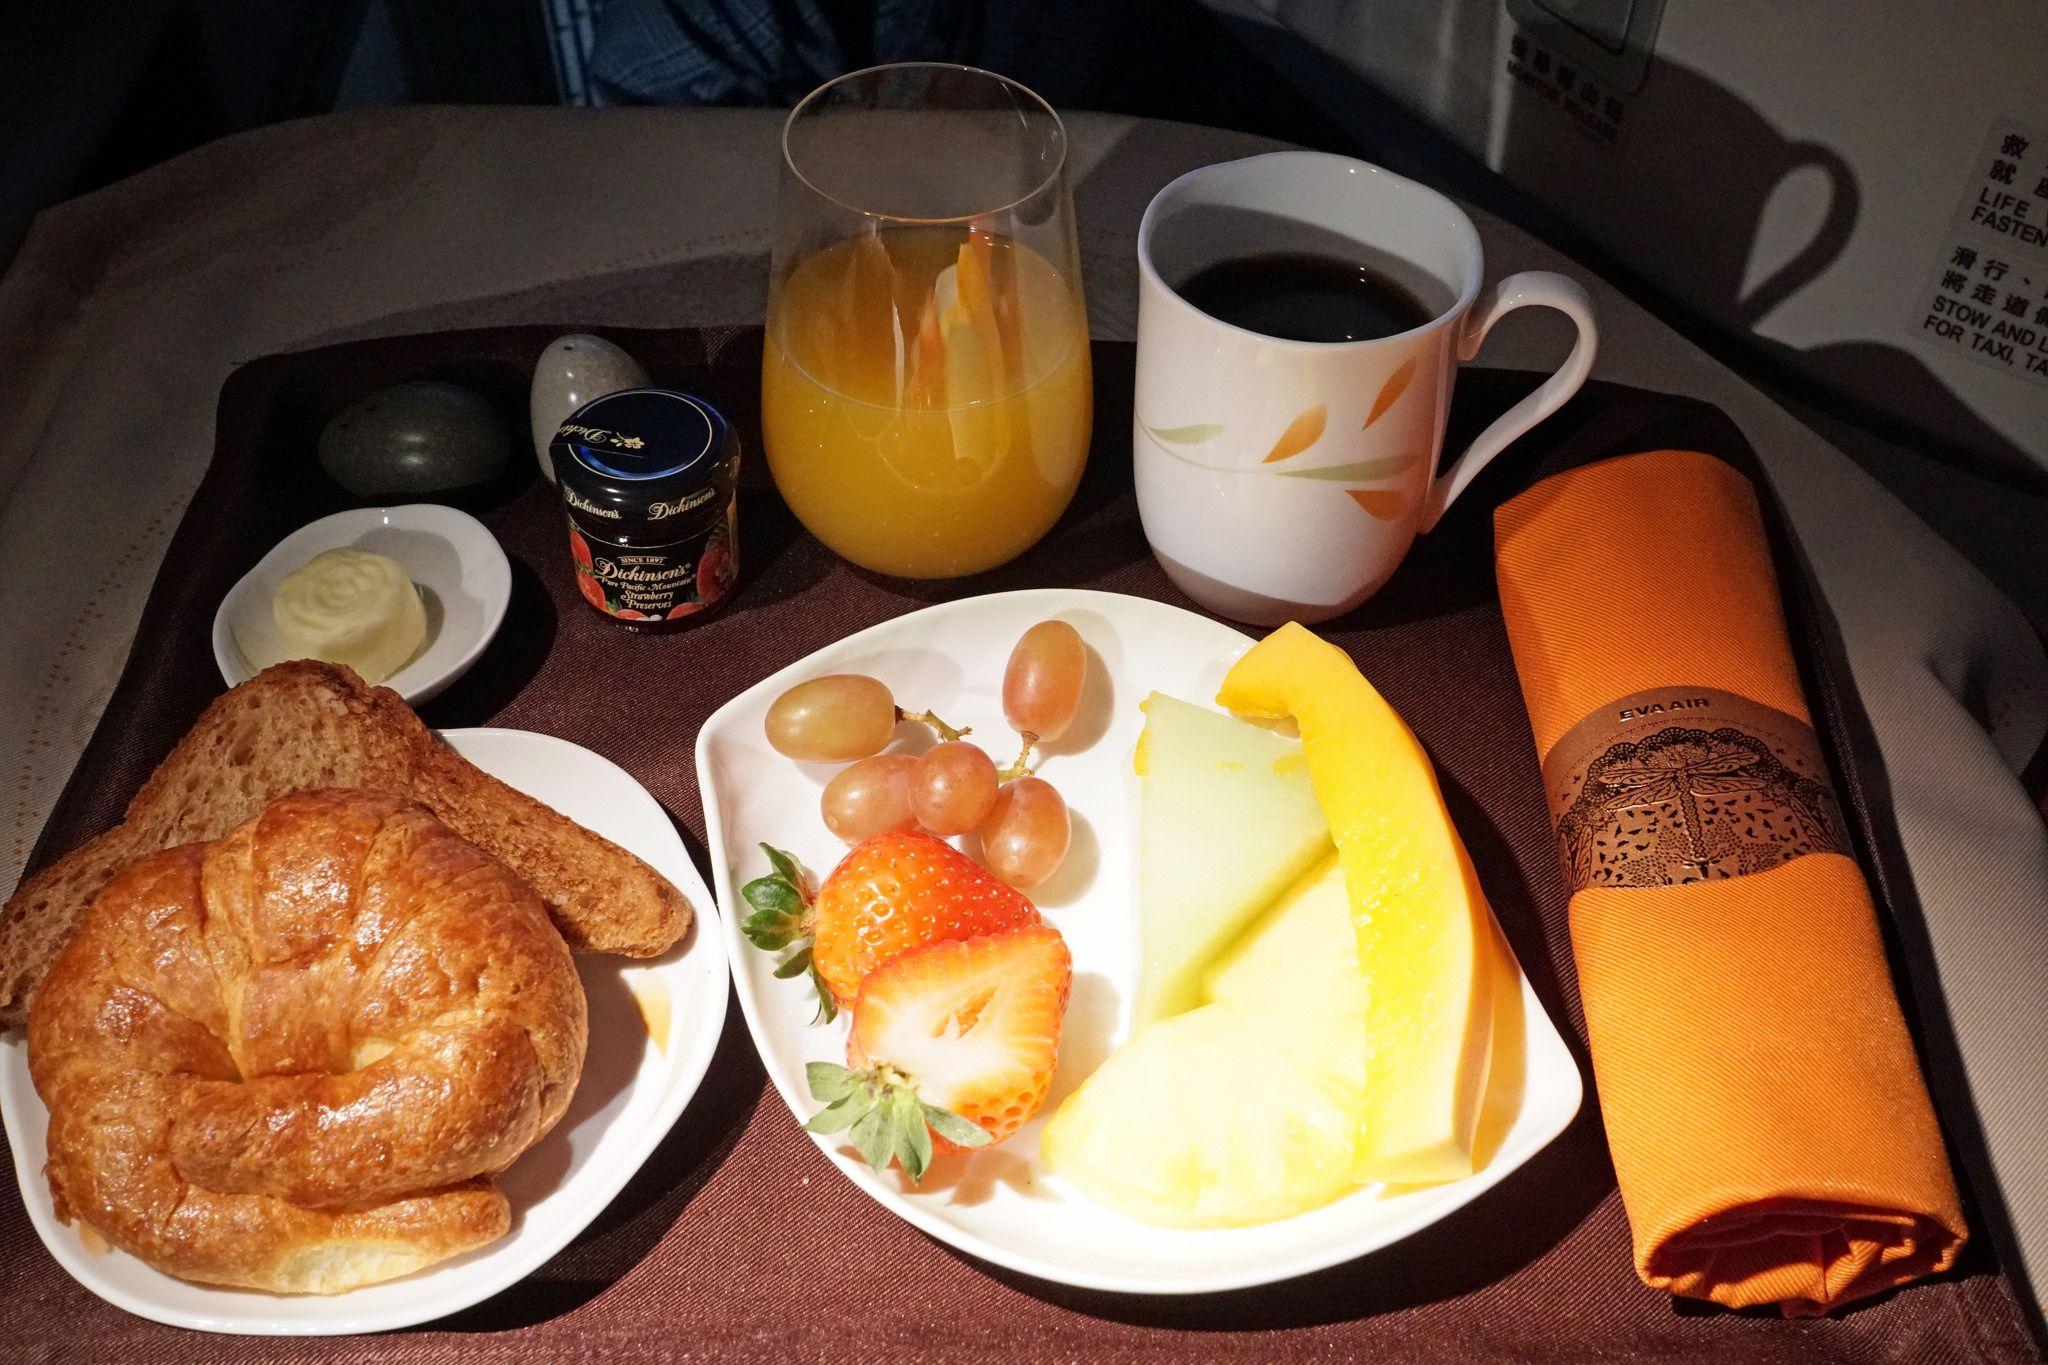 EVA Air Meal in 2020 Food, Meals, Fruit plate